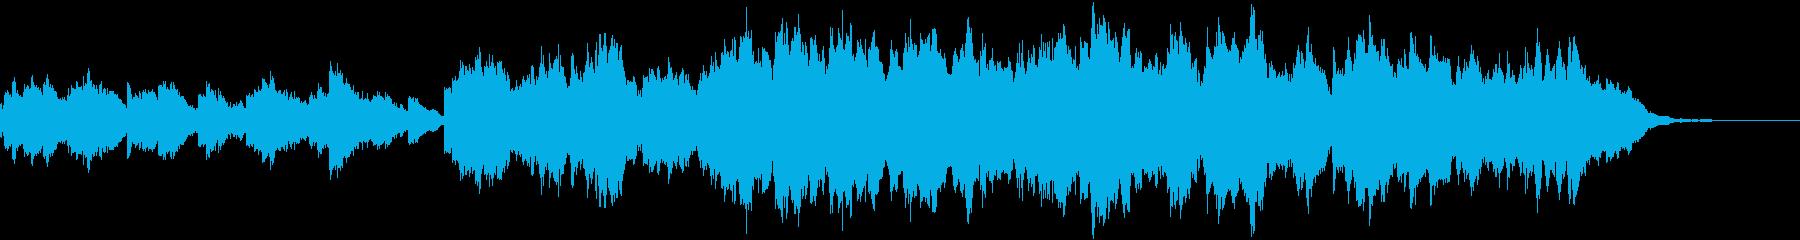 癒しのシンセサウンド ラーガアンビエントの再生済みの波形